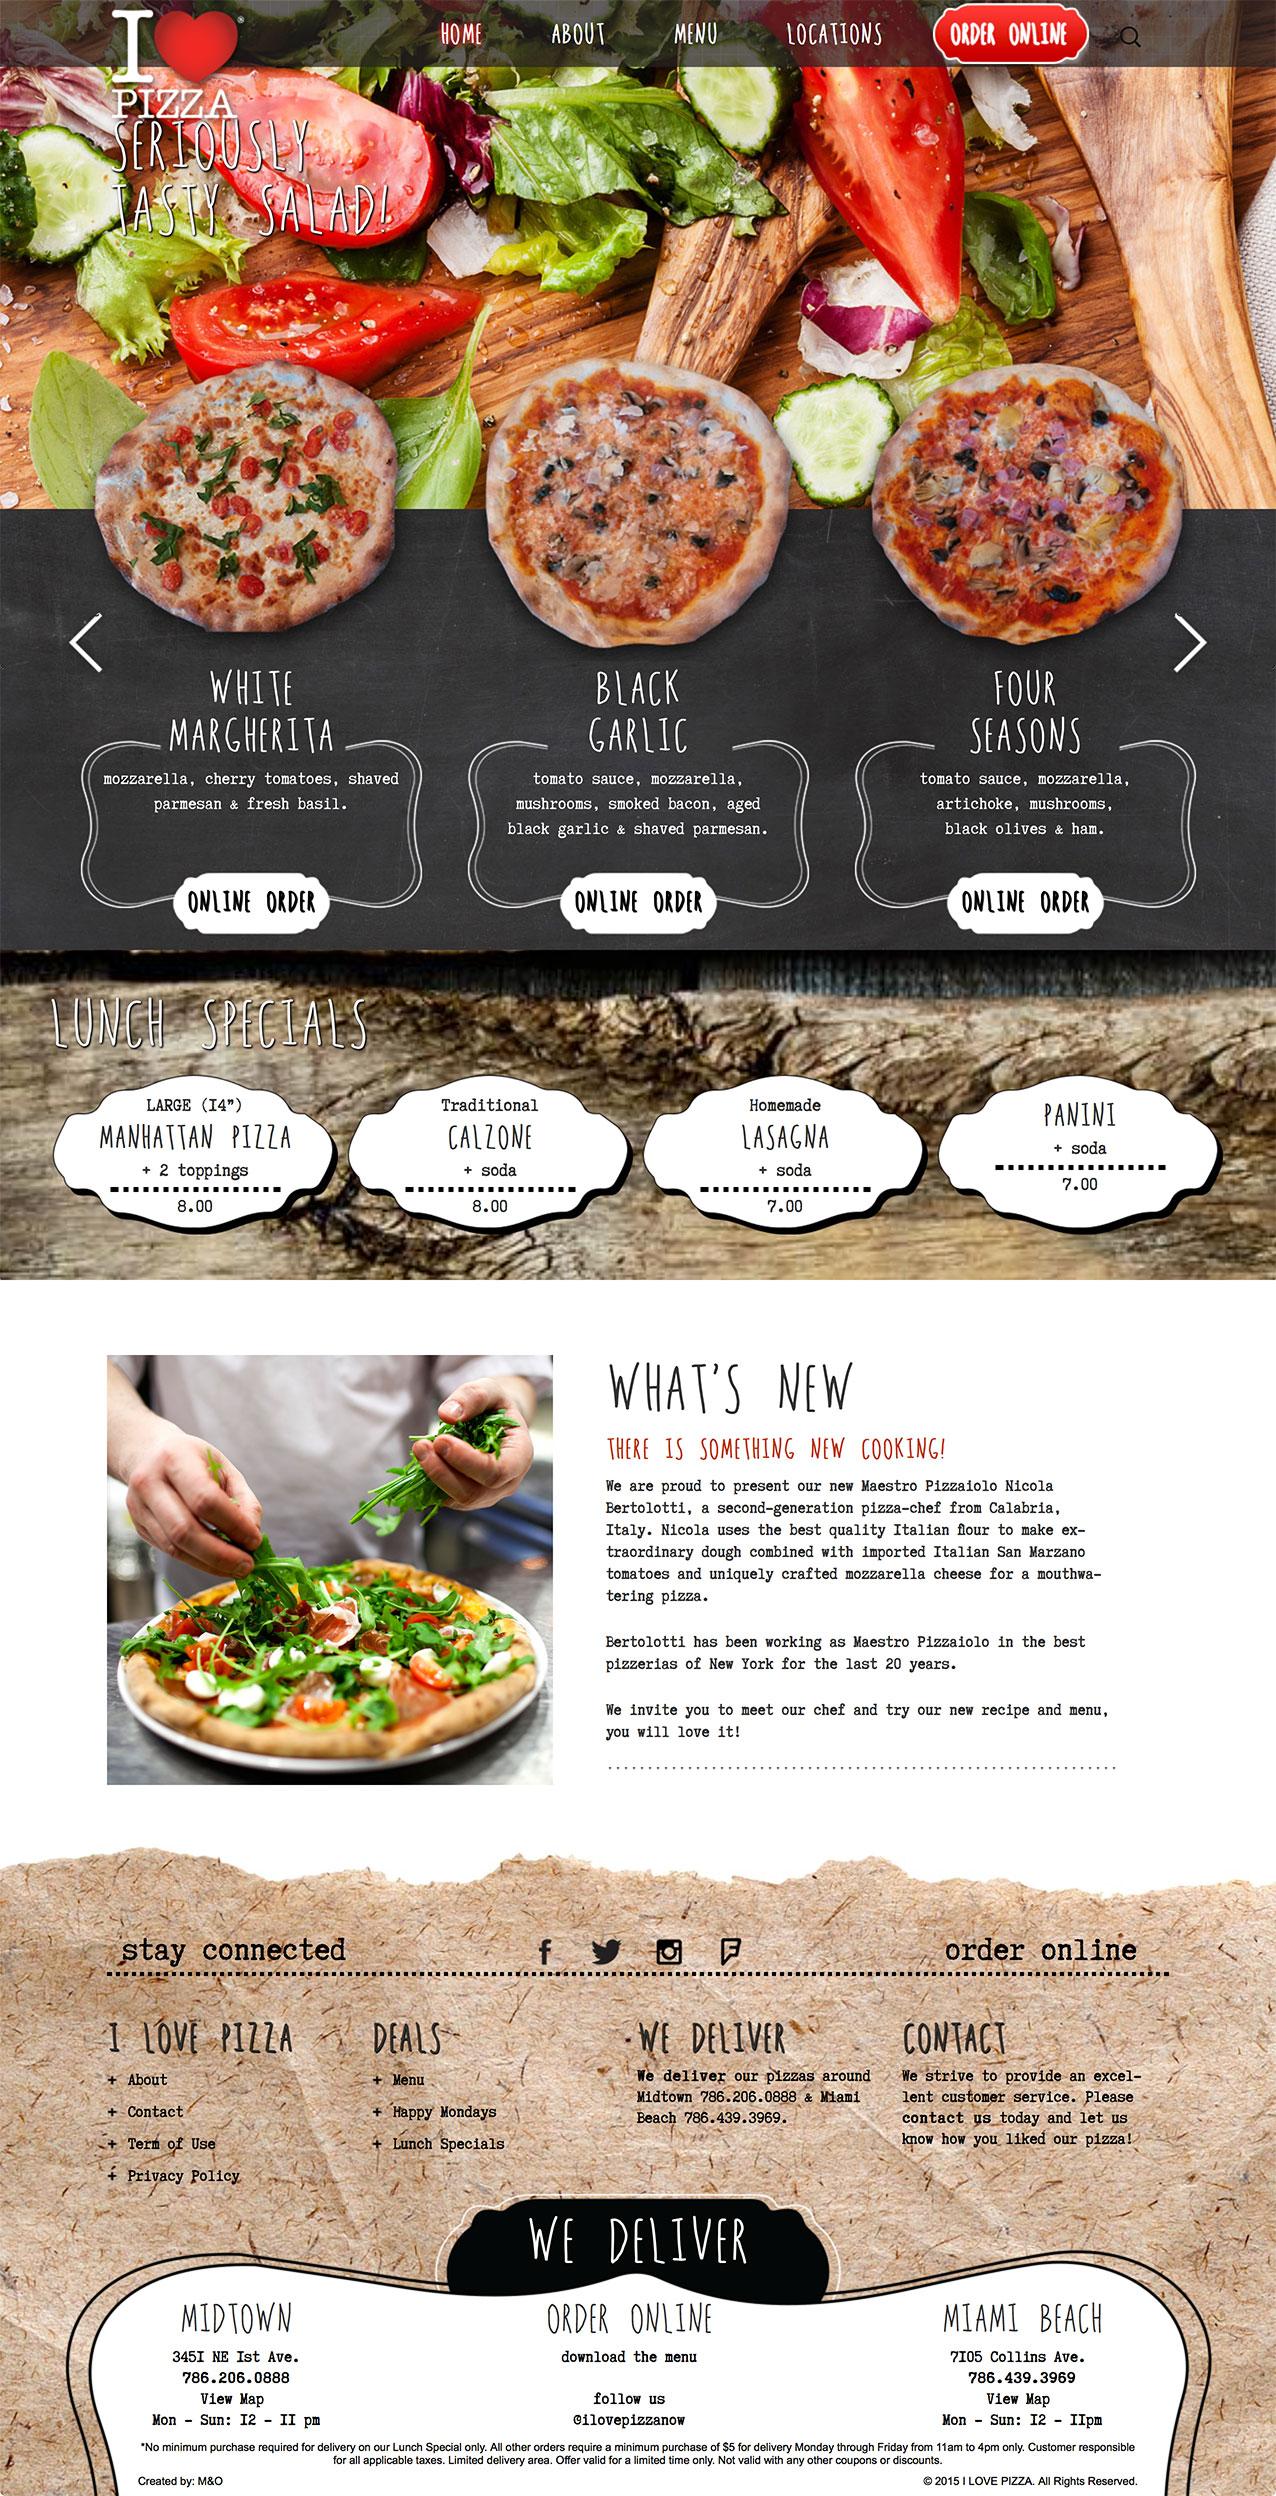 I Love Pizza New Web Design